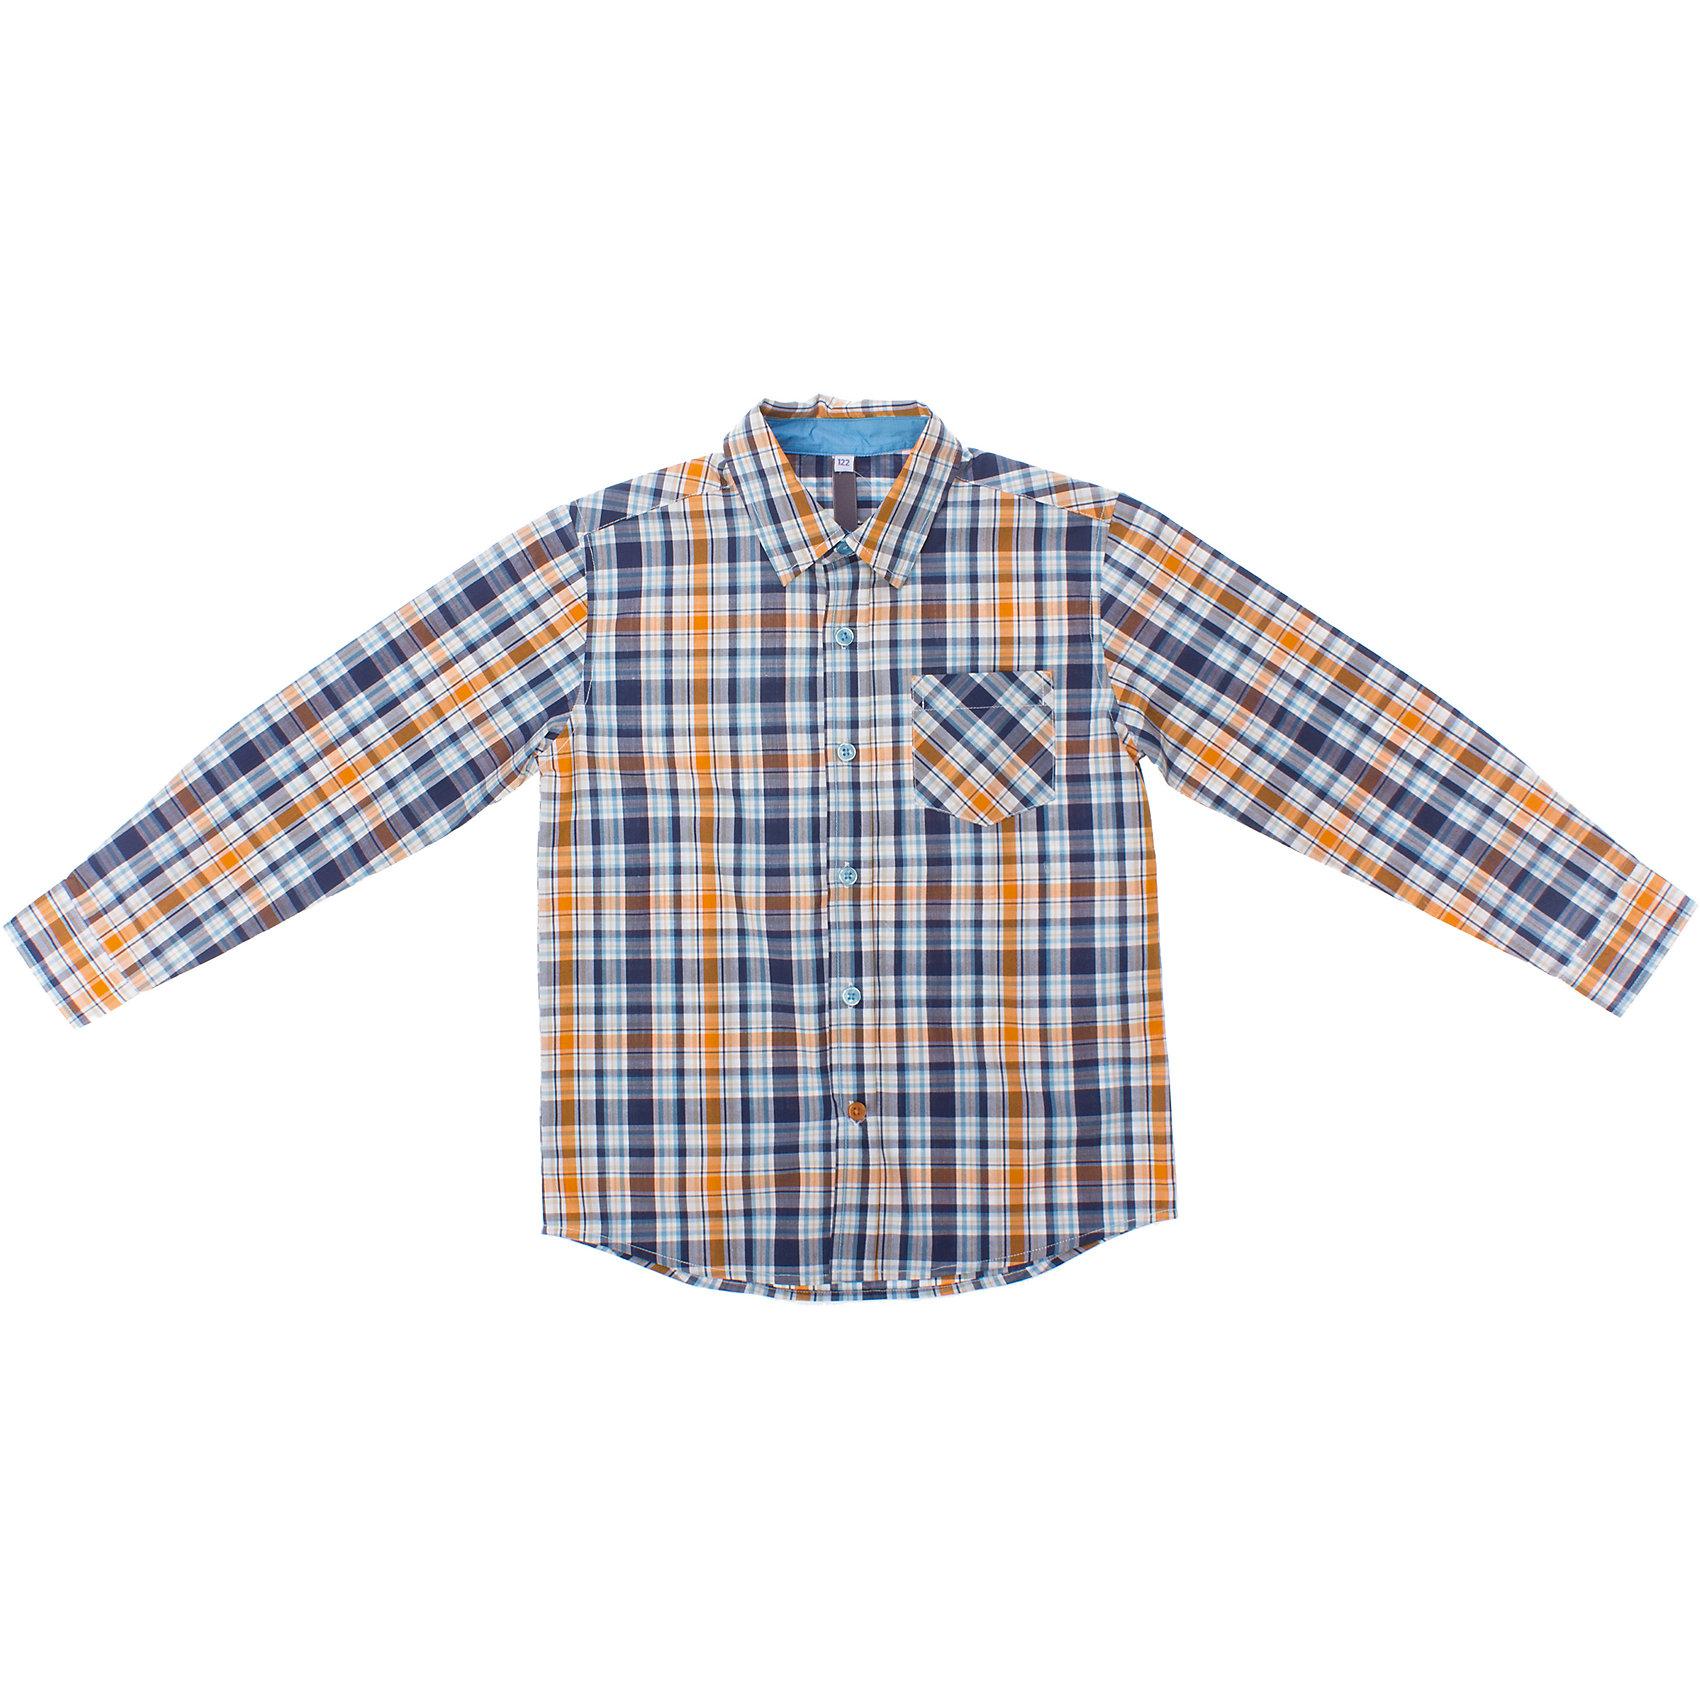 Рубашка для мальчика PlayTodayСорочка для мальчика PlayToday <br><br>Состав: 100% хлопок<br><br>Ткань в клетку - в основных цветах коллекции: синий, оранжевый<br>На груди кармашек<br>Застегивается на пуговки по центру<br>Рукава щастегиваются на пугвоки<br>Строгий воротничок<br><br>Ширина мм: 174<br>Глубина мм: 10<br>Высота мм: 169<br>Вес г: 157<br>Цвет: оранжевый<br>Возраст от месяцев: 48<br>Возраст до месяцев: 60<br>Пол: Мужской<br>Возраст: Детский<br>Размер: 104,122,128,116,98,110<br>SKU: 4503972